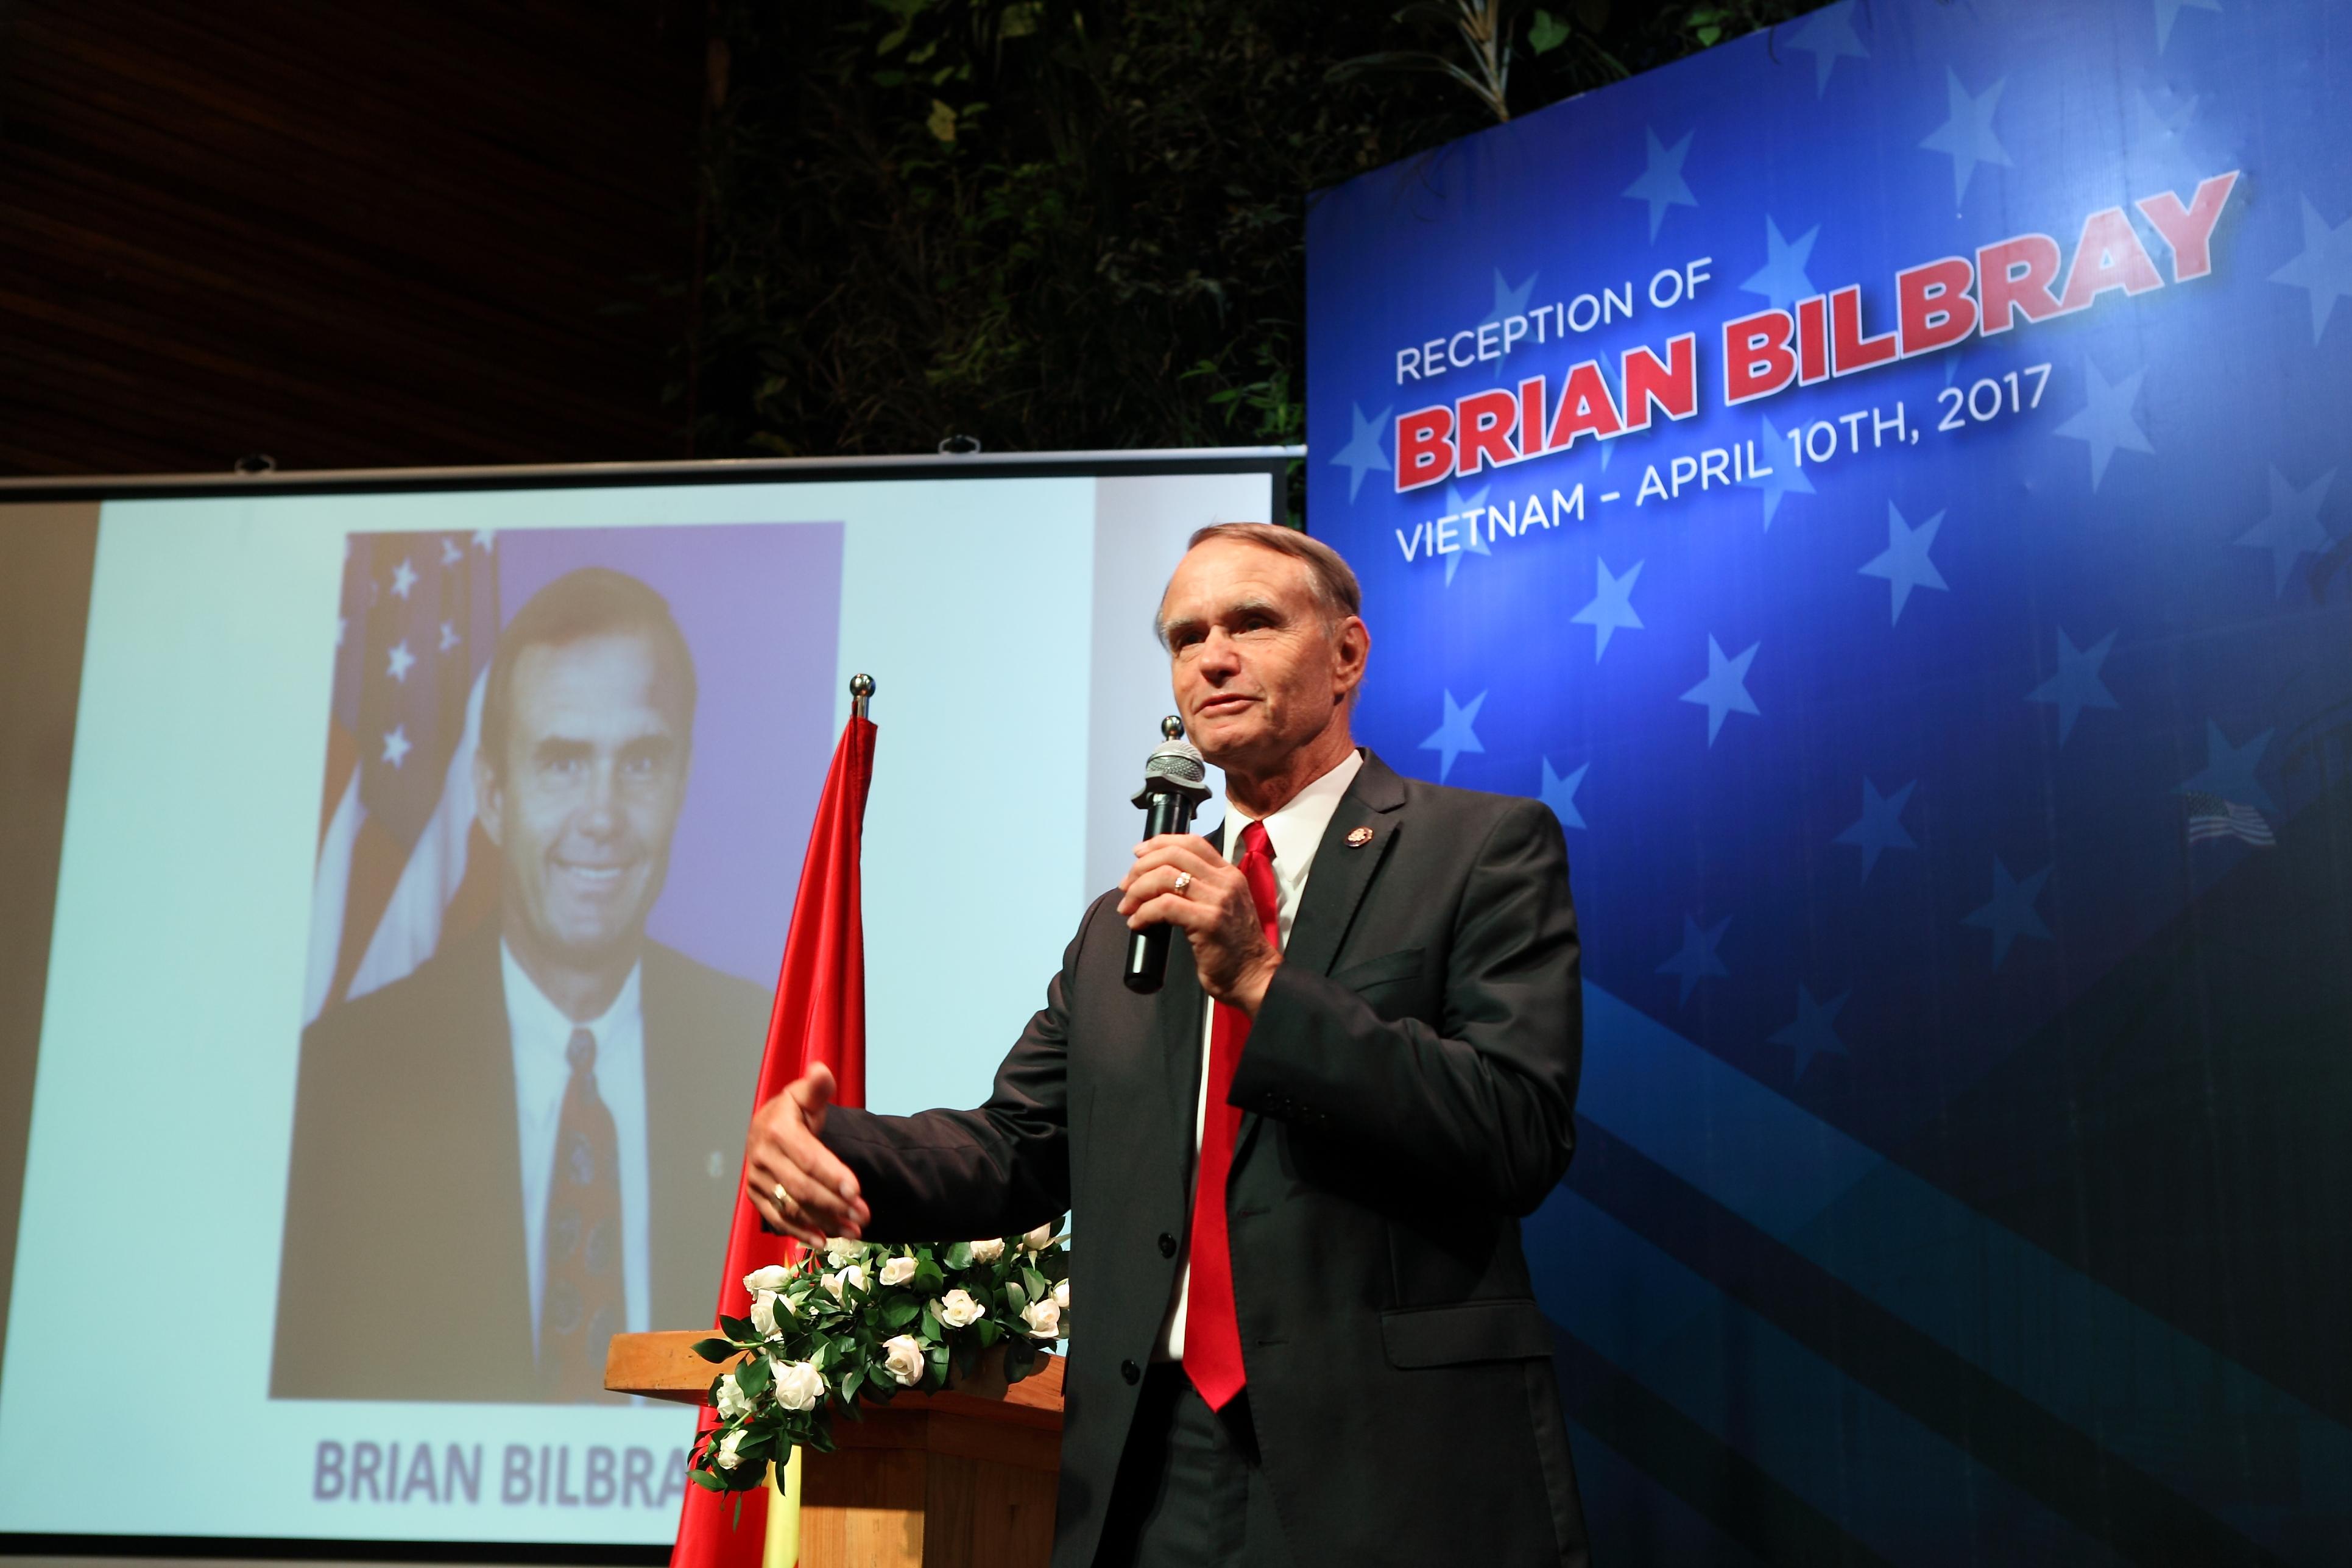 Nguyên Hạ Nghị sĩ – đại biểu quốc hội Mỹ nói chuyện chính thức cùng nhà đầu tư định cư EB5 Việt Nam tại hội nghị cùng Kornova và tập đoàn địa ốc Homefed.